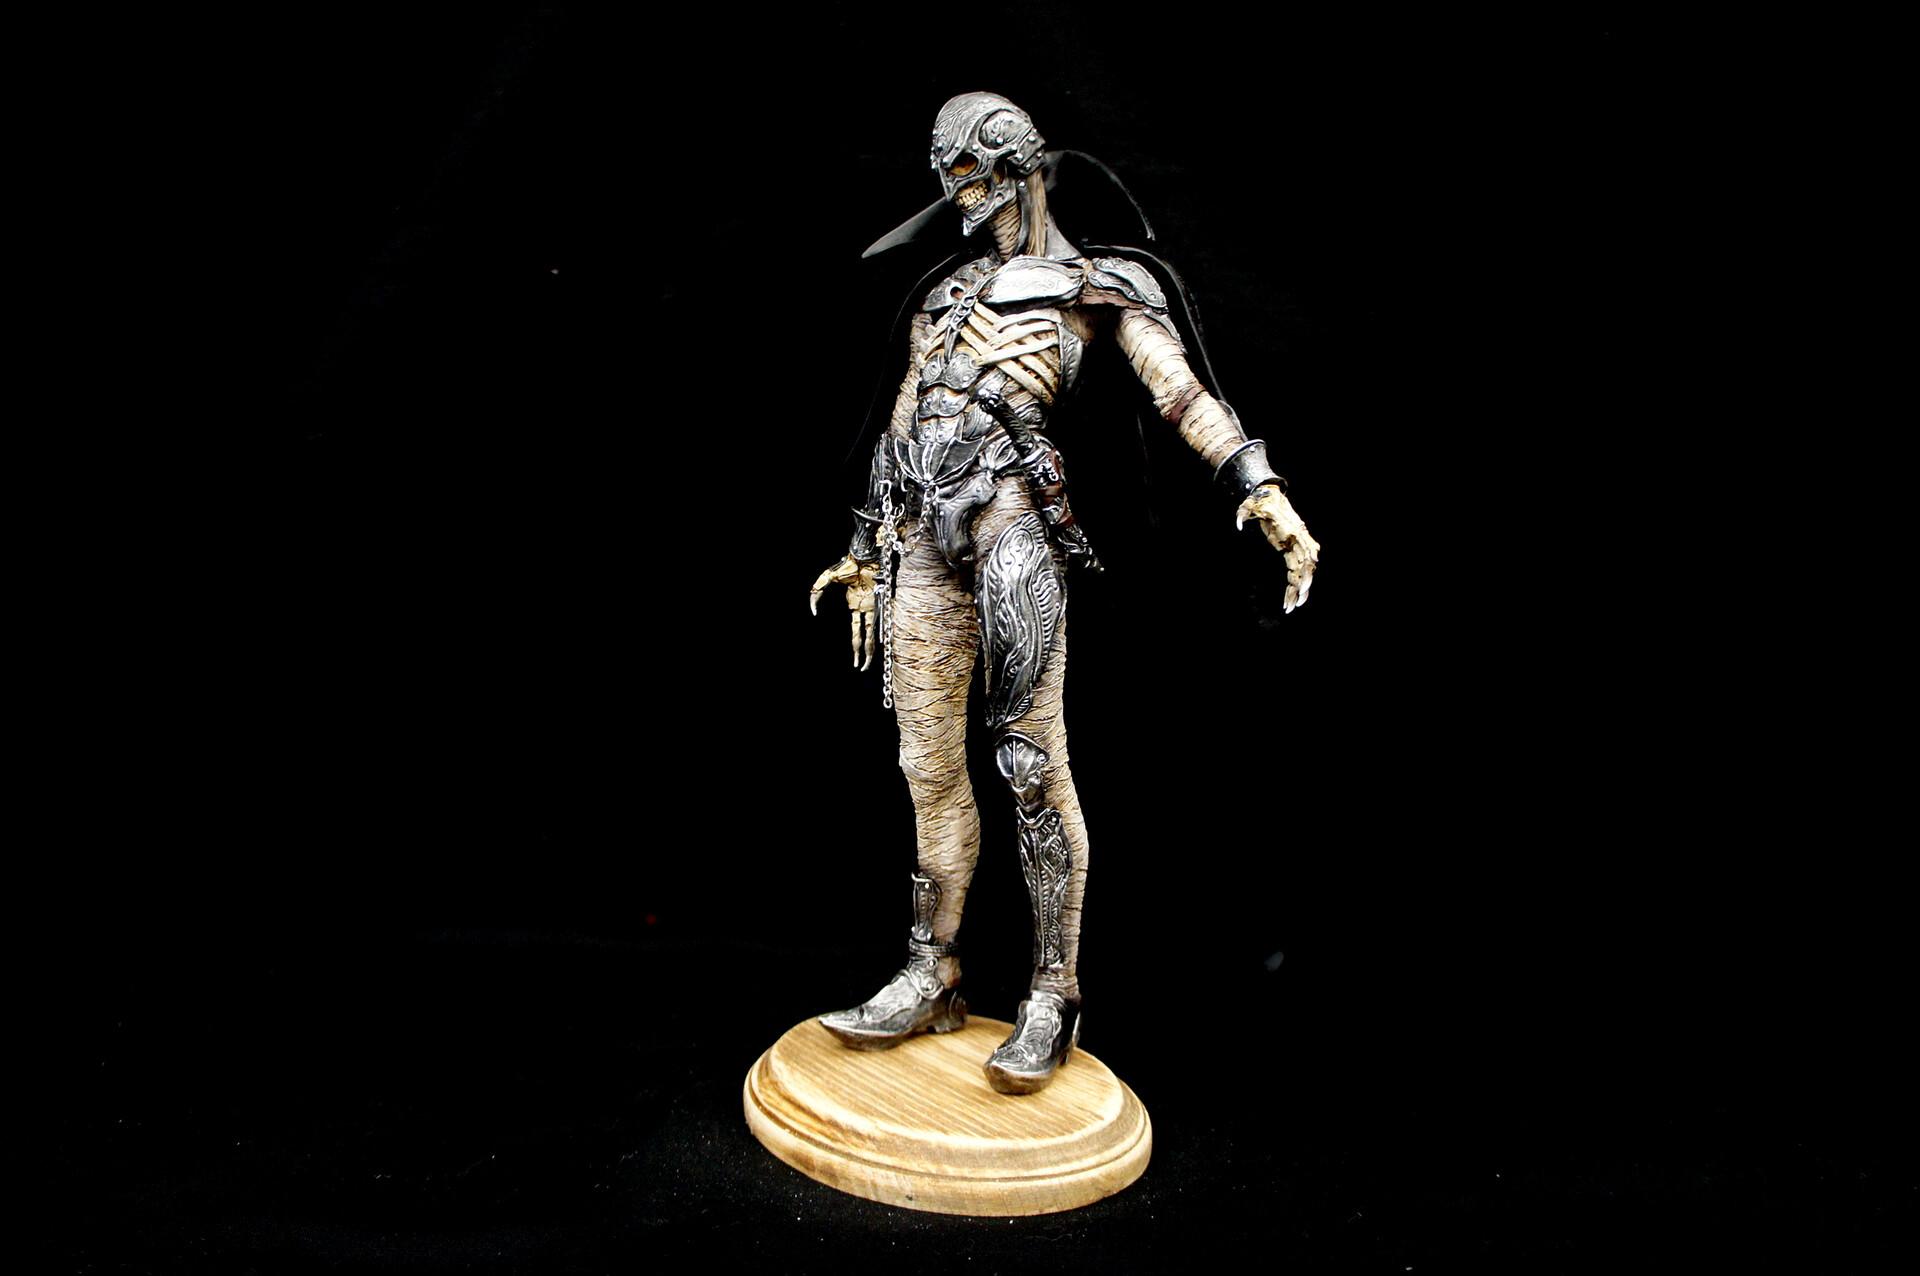 Hellpainter Goldova 1:6 Art Statue  https://www.solidart.club/